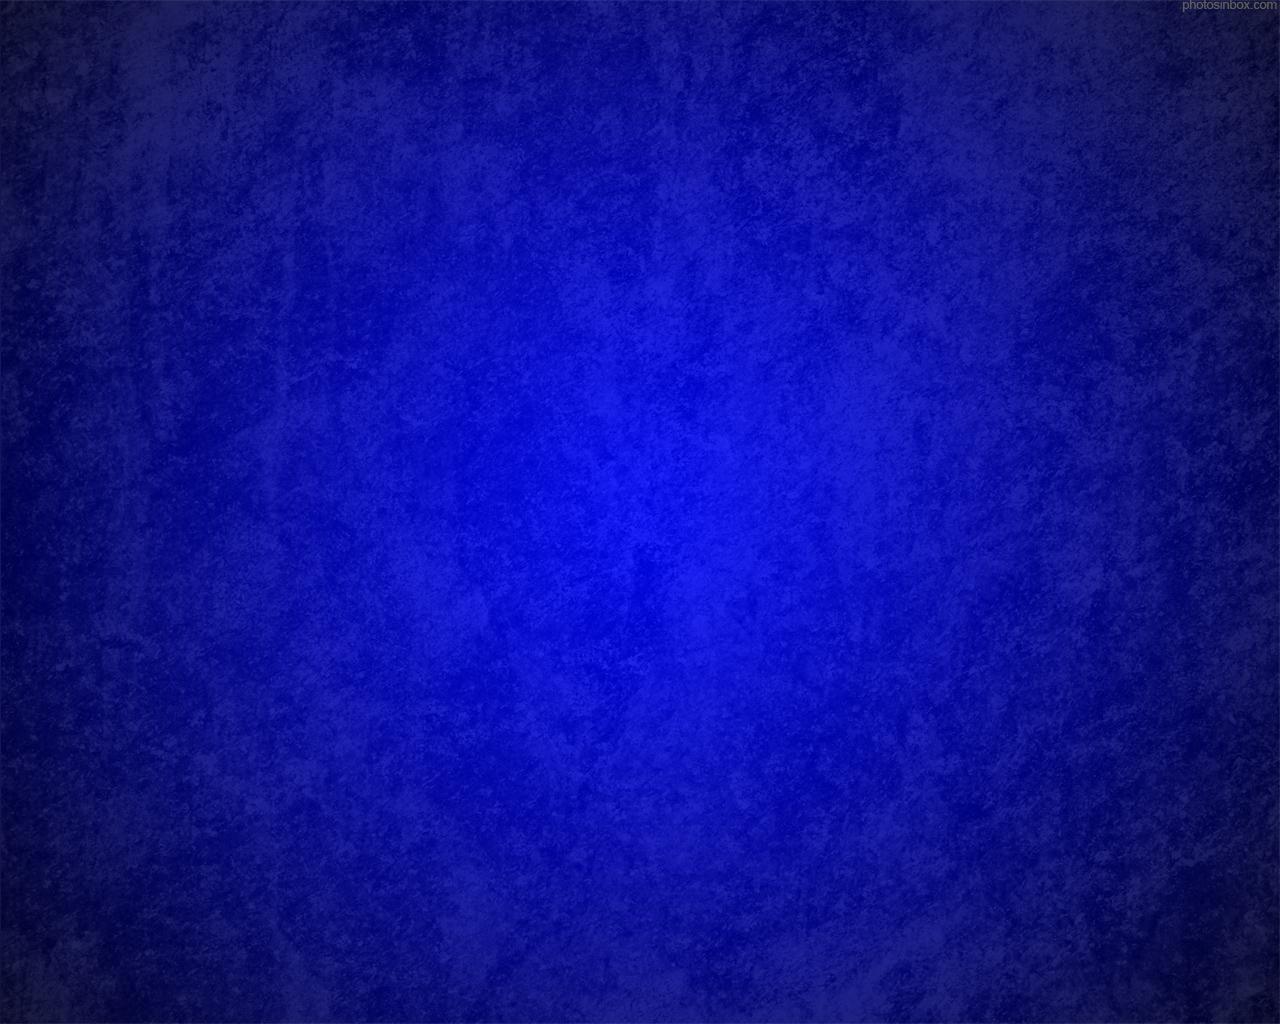 blue sky bokhe wallpaper